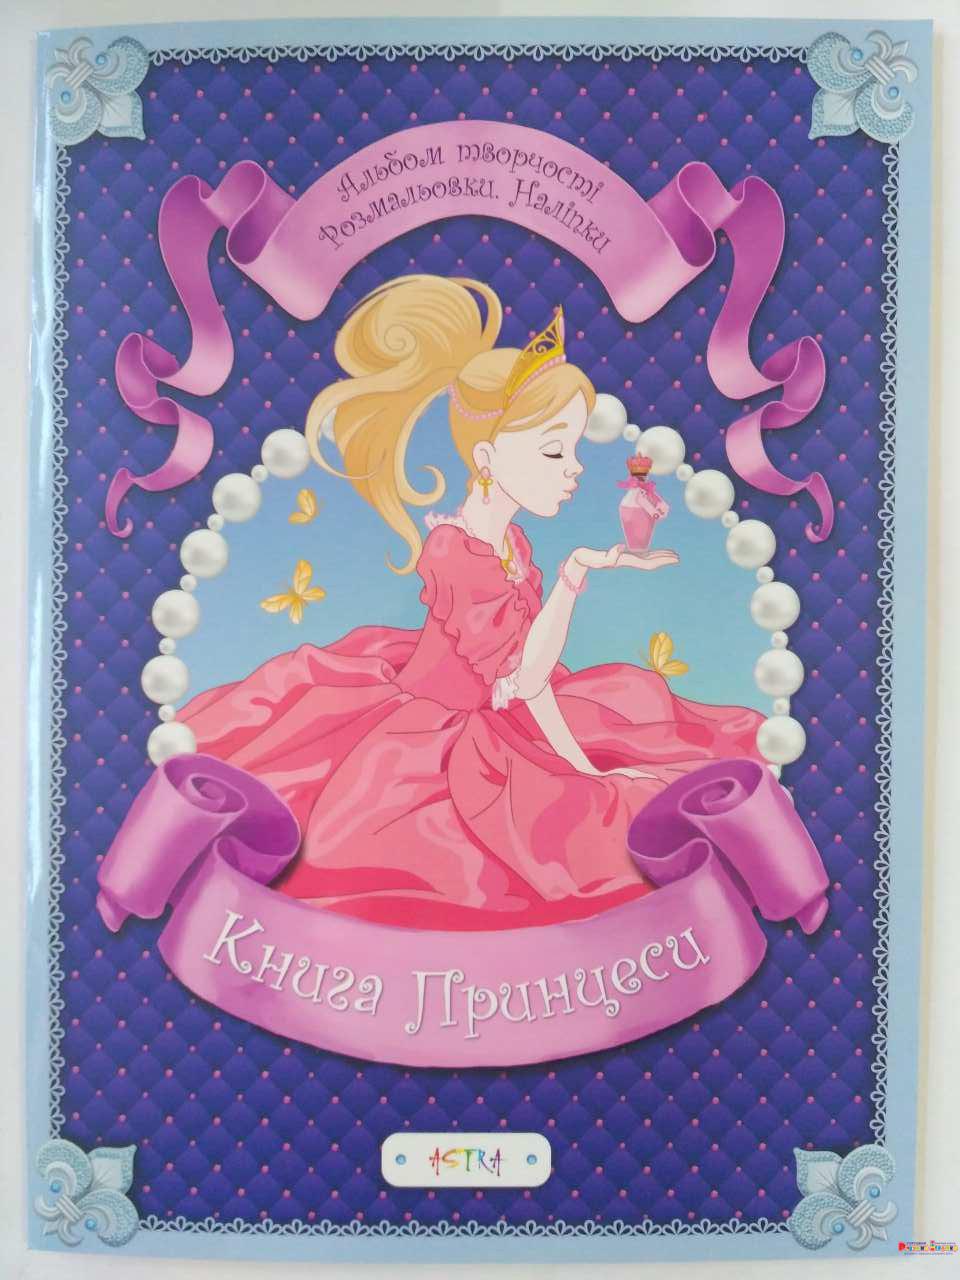 Астра Альбом Книга принцеси